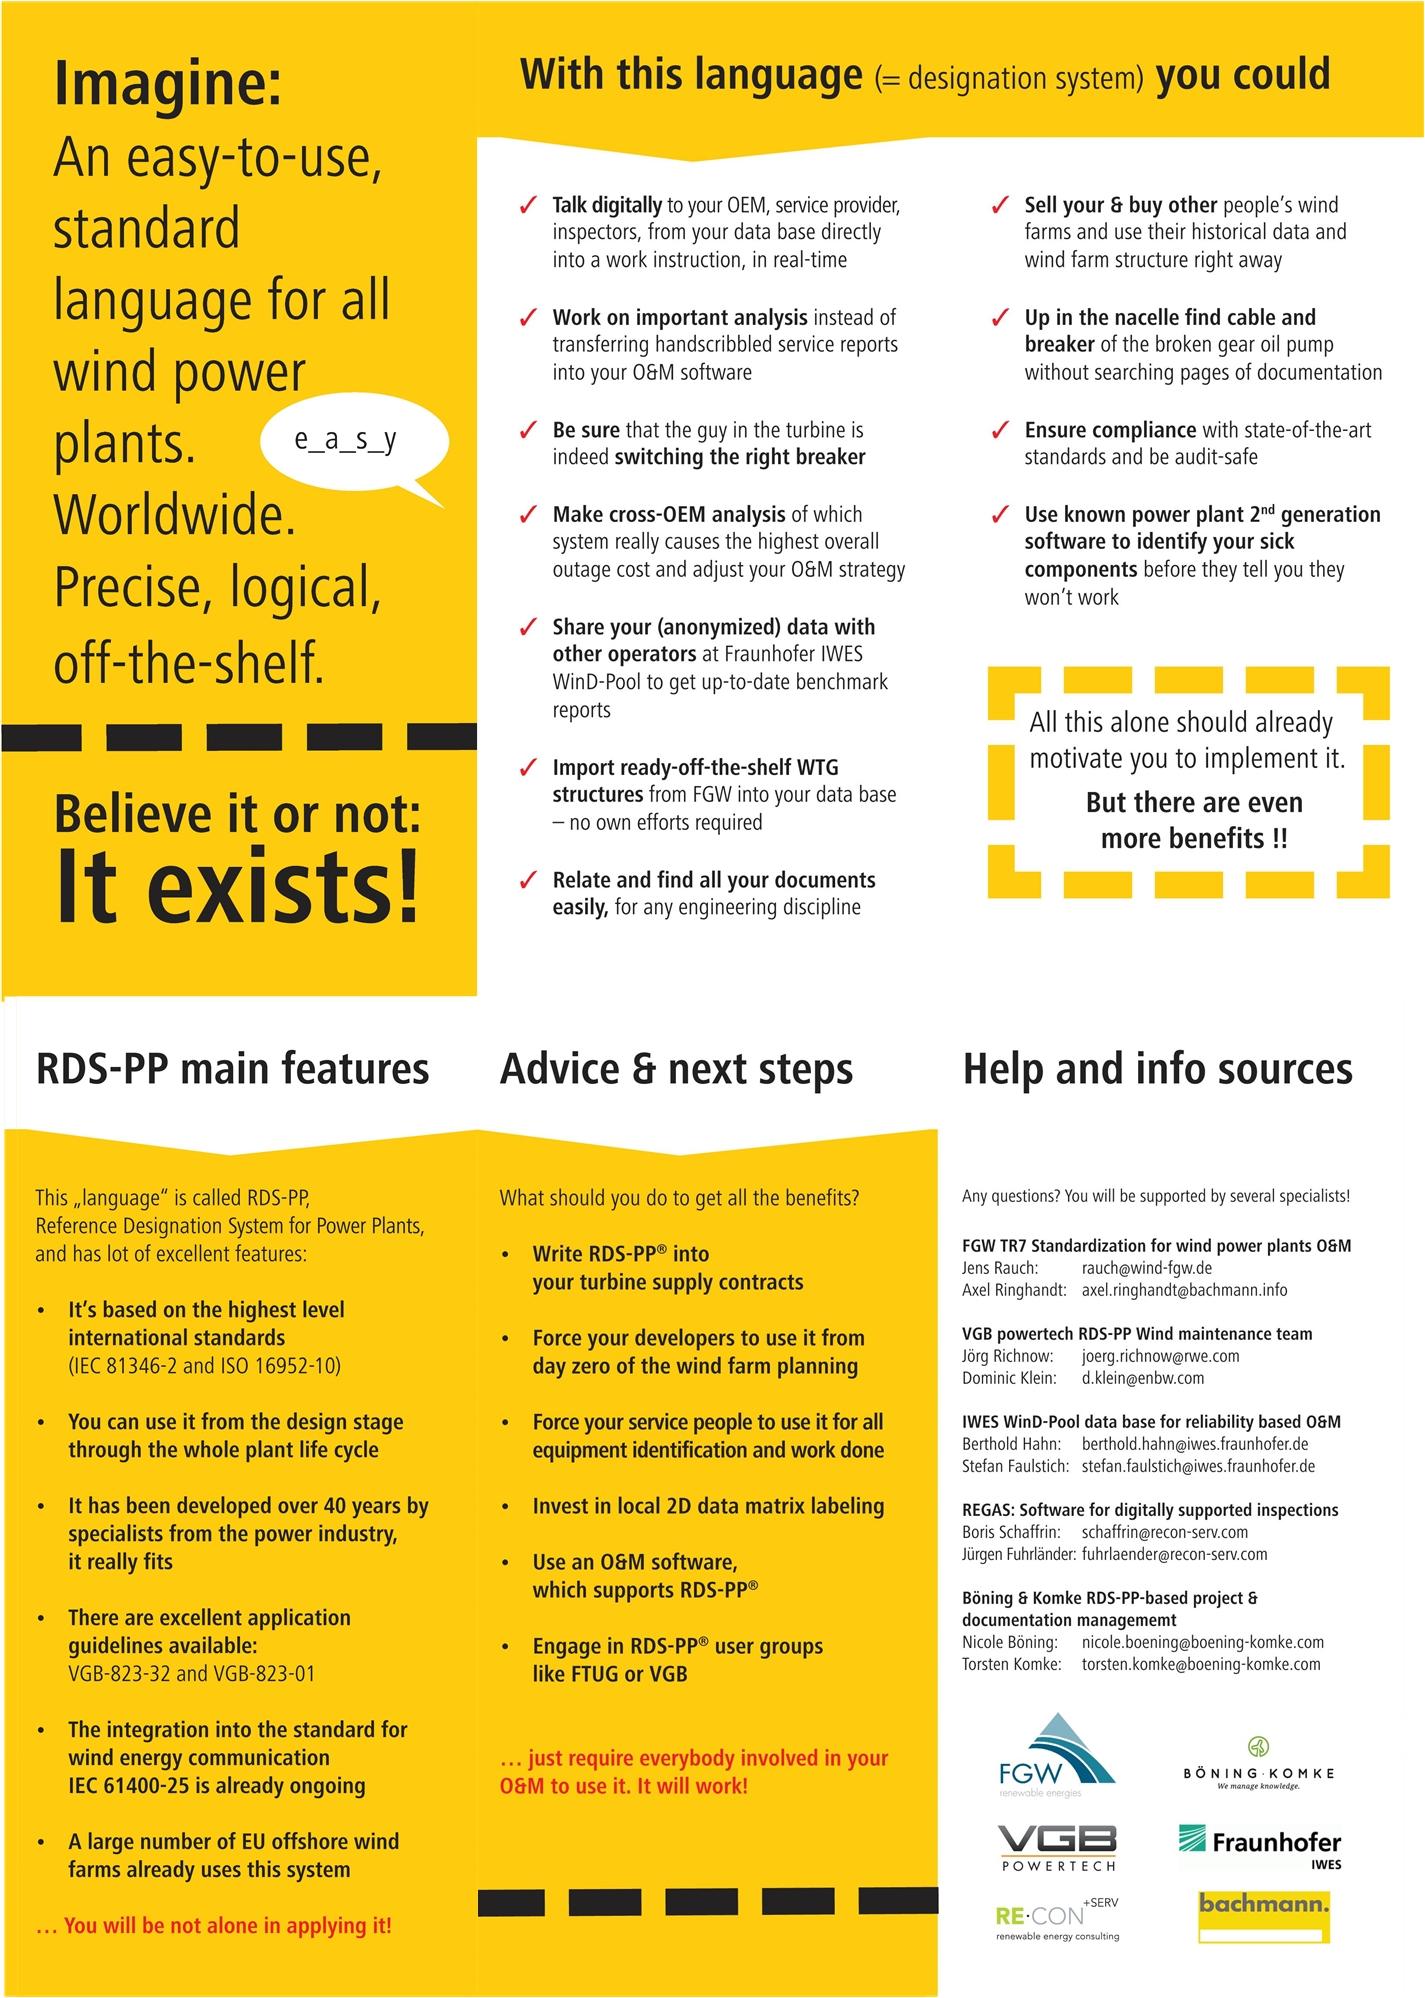 RDS-PP - eine einfache Standardsprache für alle Windparks. Weltweit.